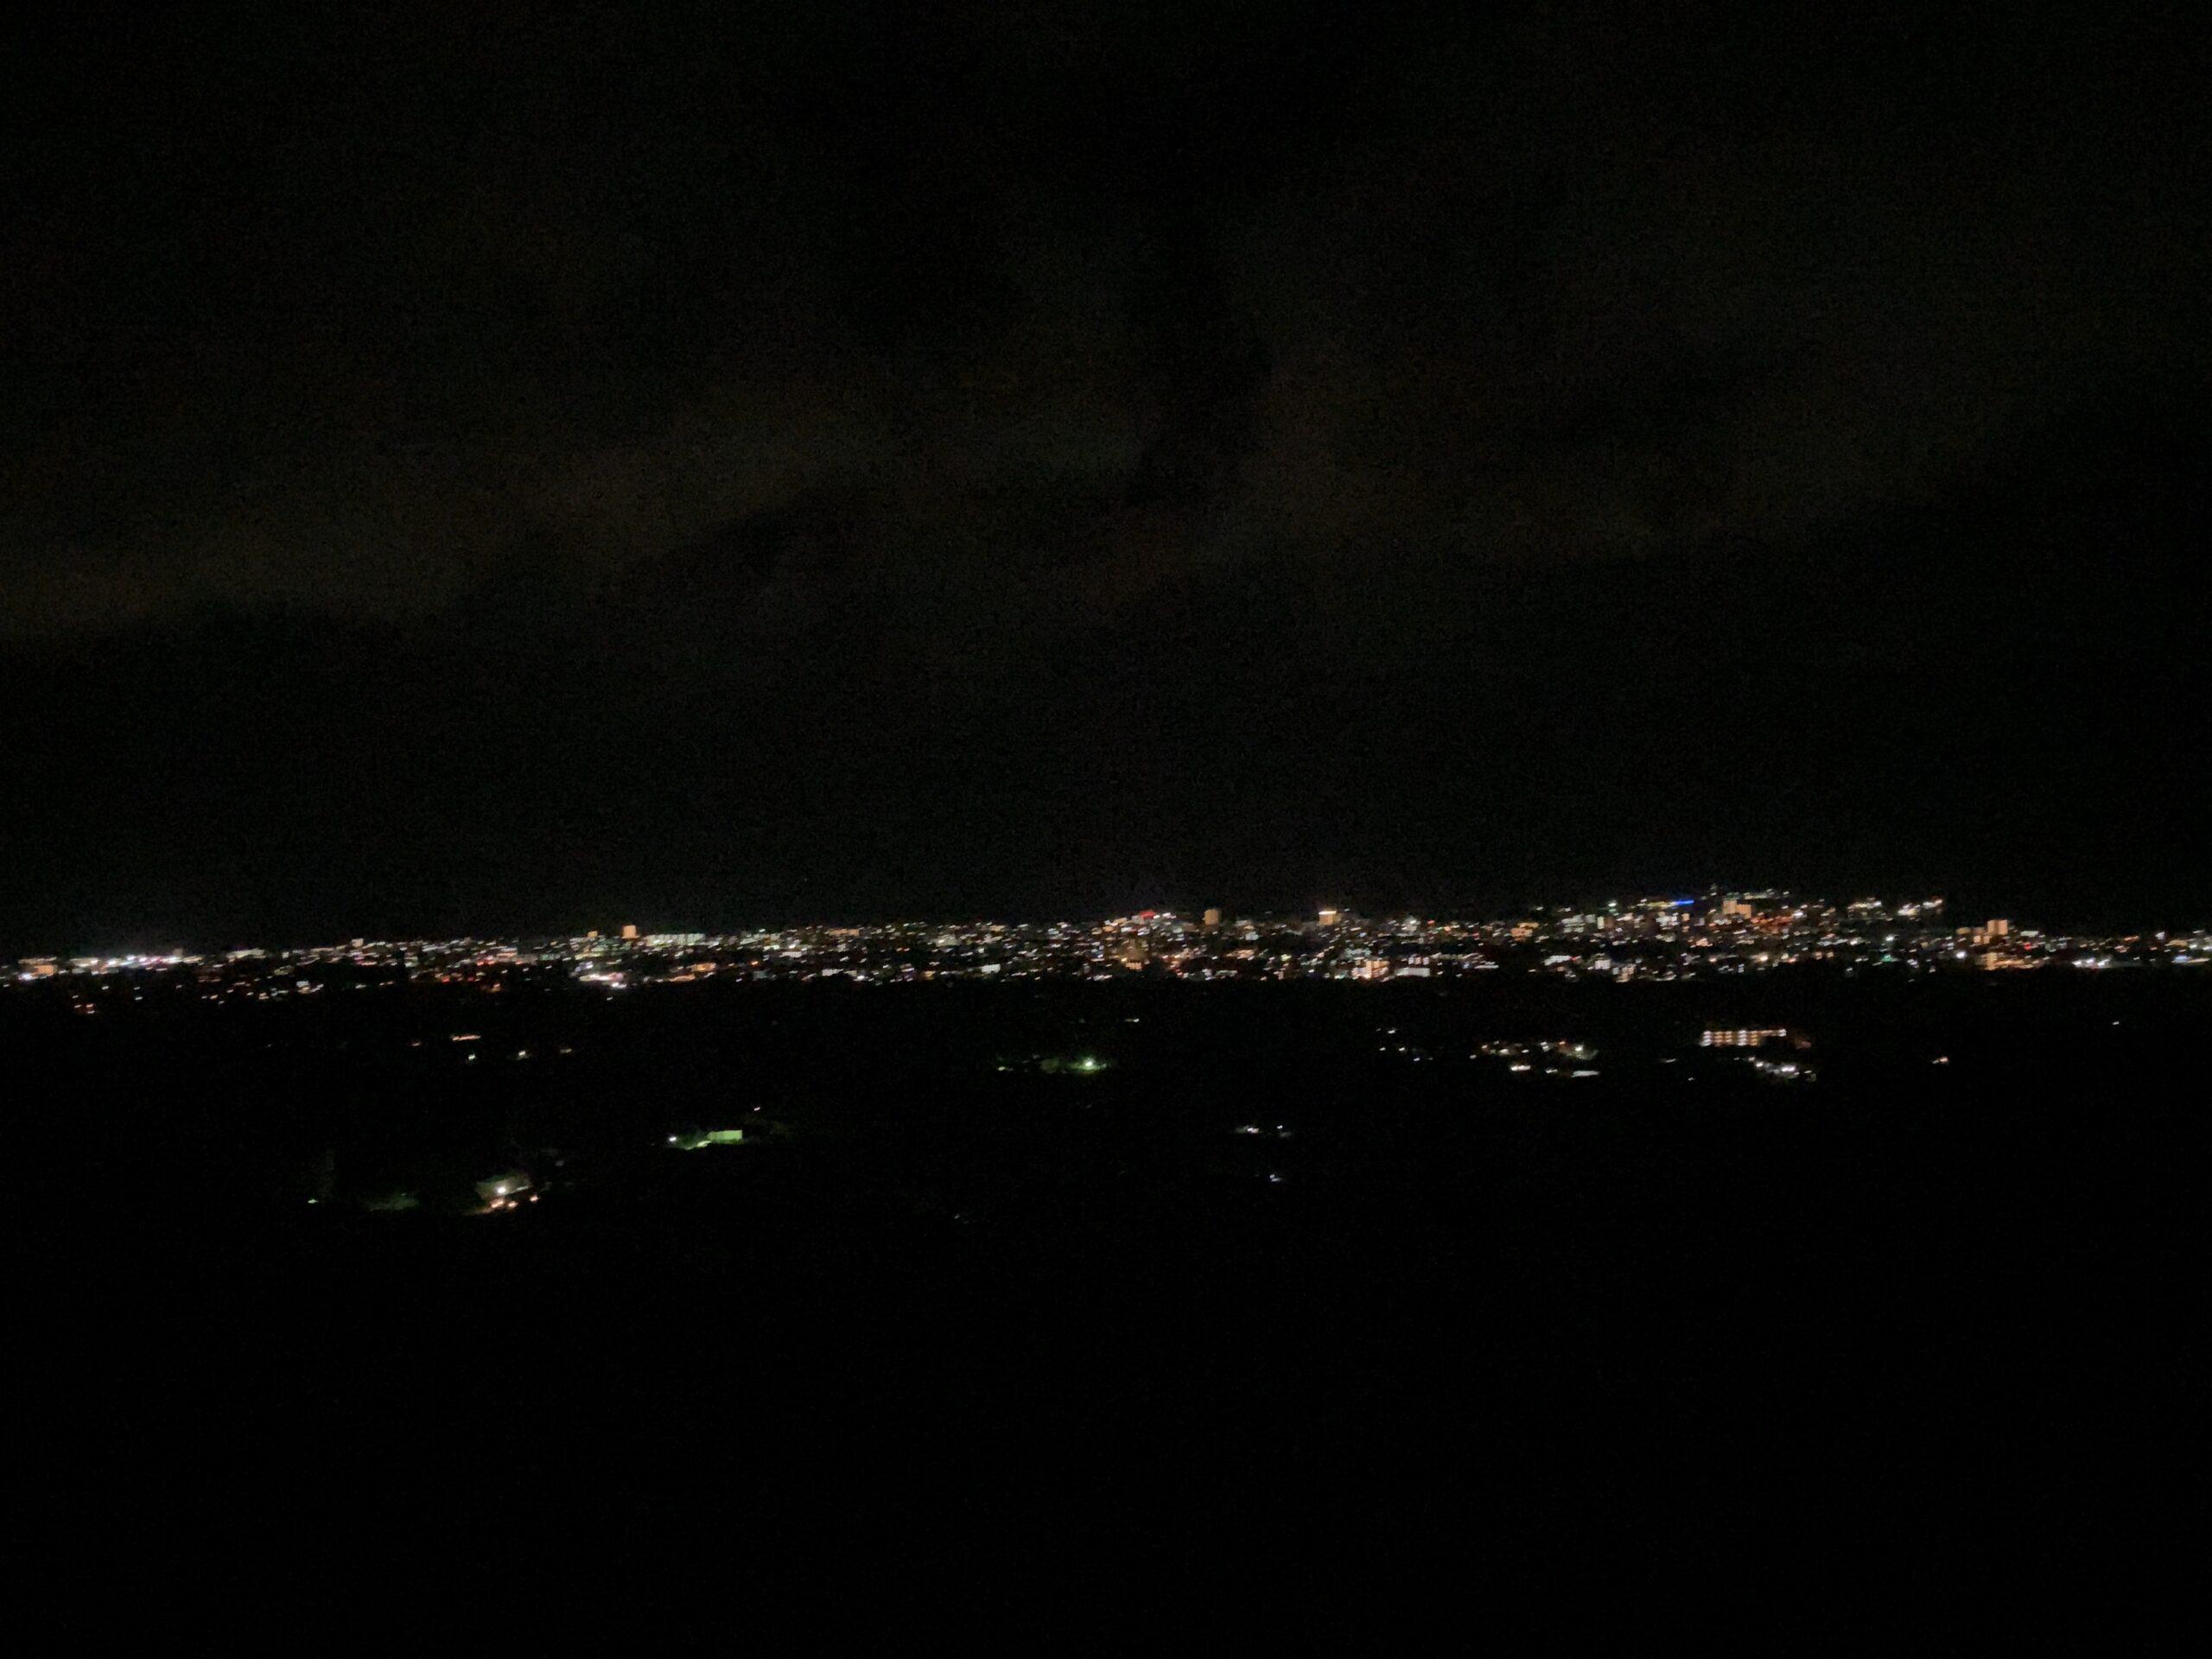 バンナ公園「エメラルドの海を見る展望台」の駐車場からの眺め